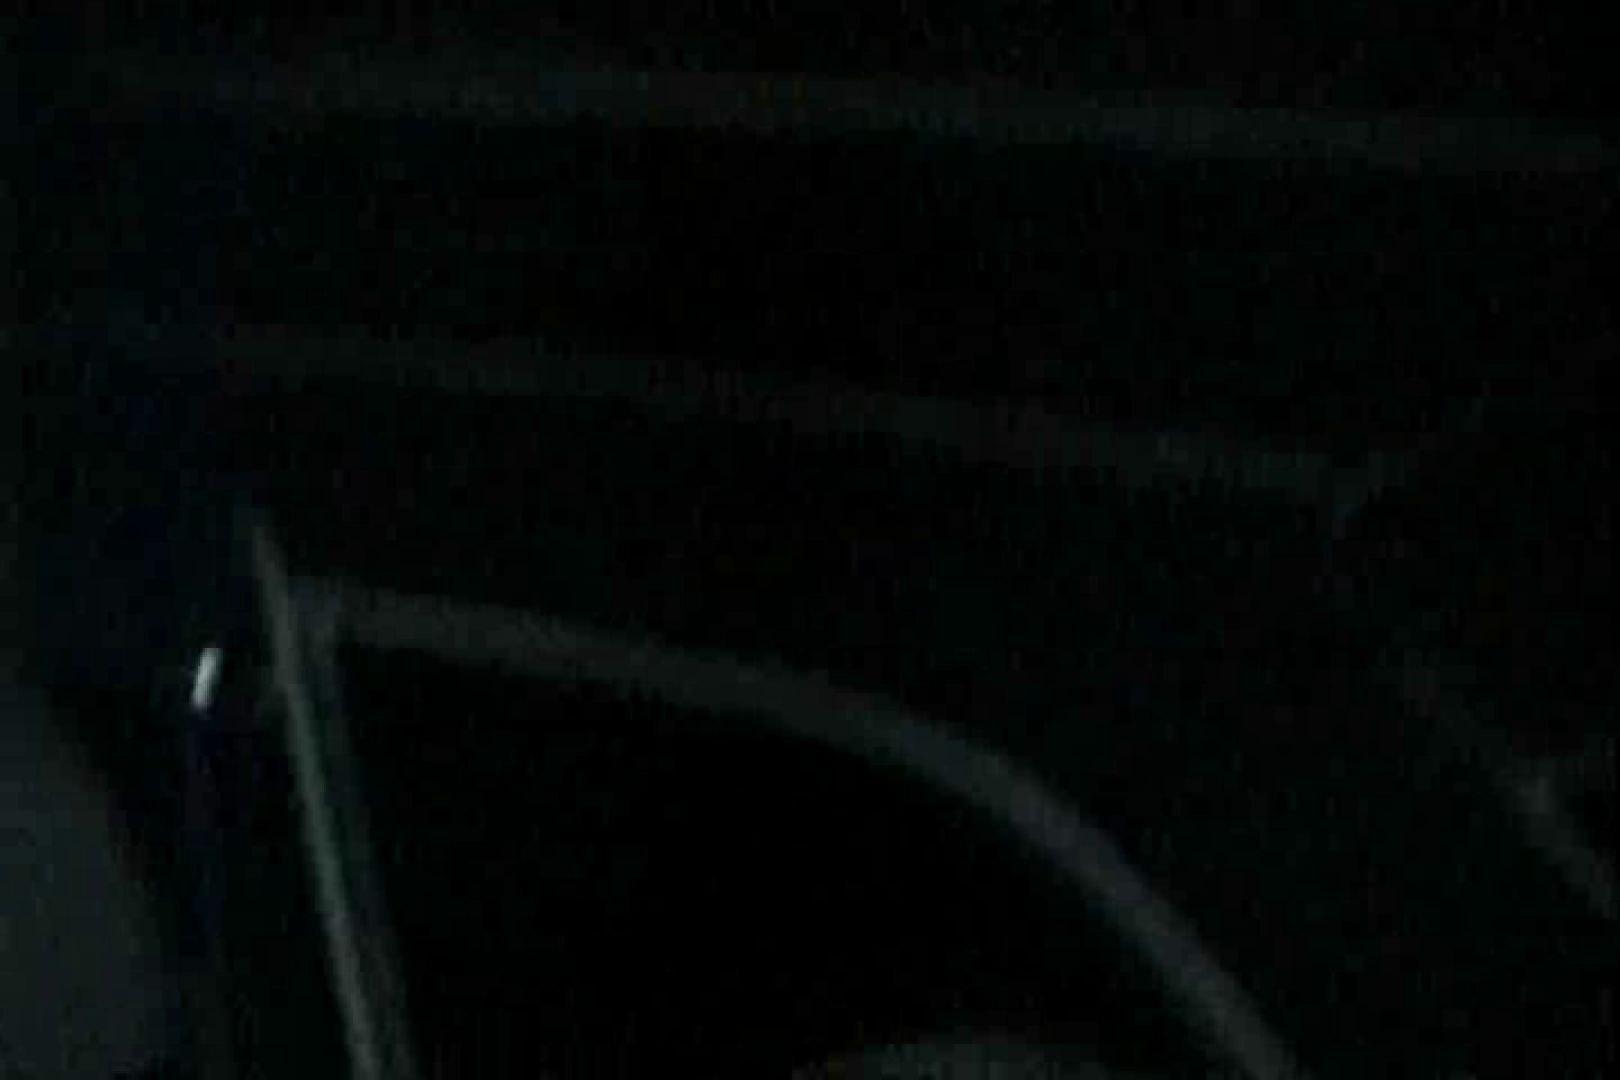 充血監督の深夜の運動会Vol.124 赤外線 オメコ動画キャプチャ 92pic 88